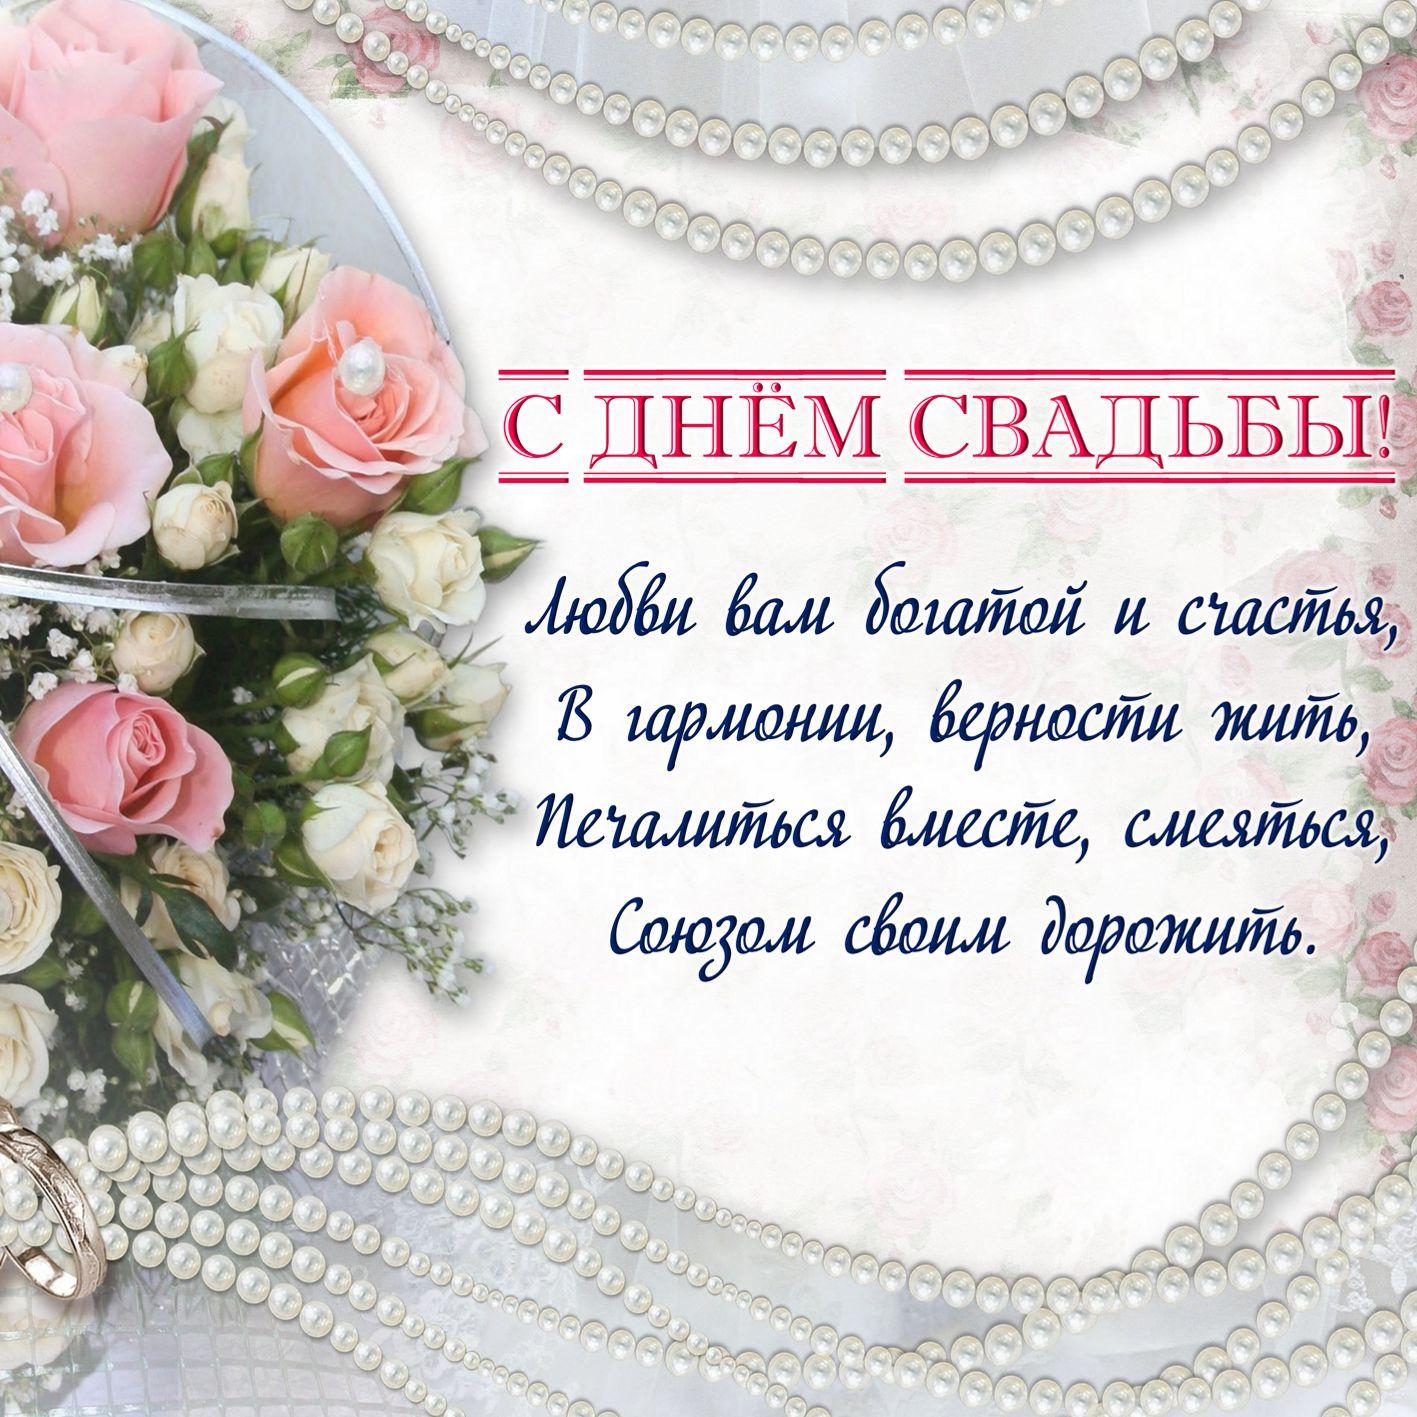 Открытки, поздравить в день свадьбы открытки